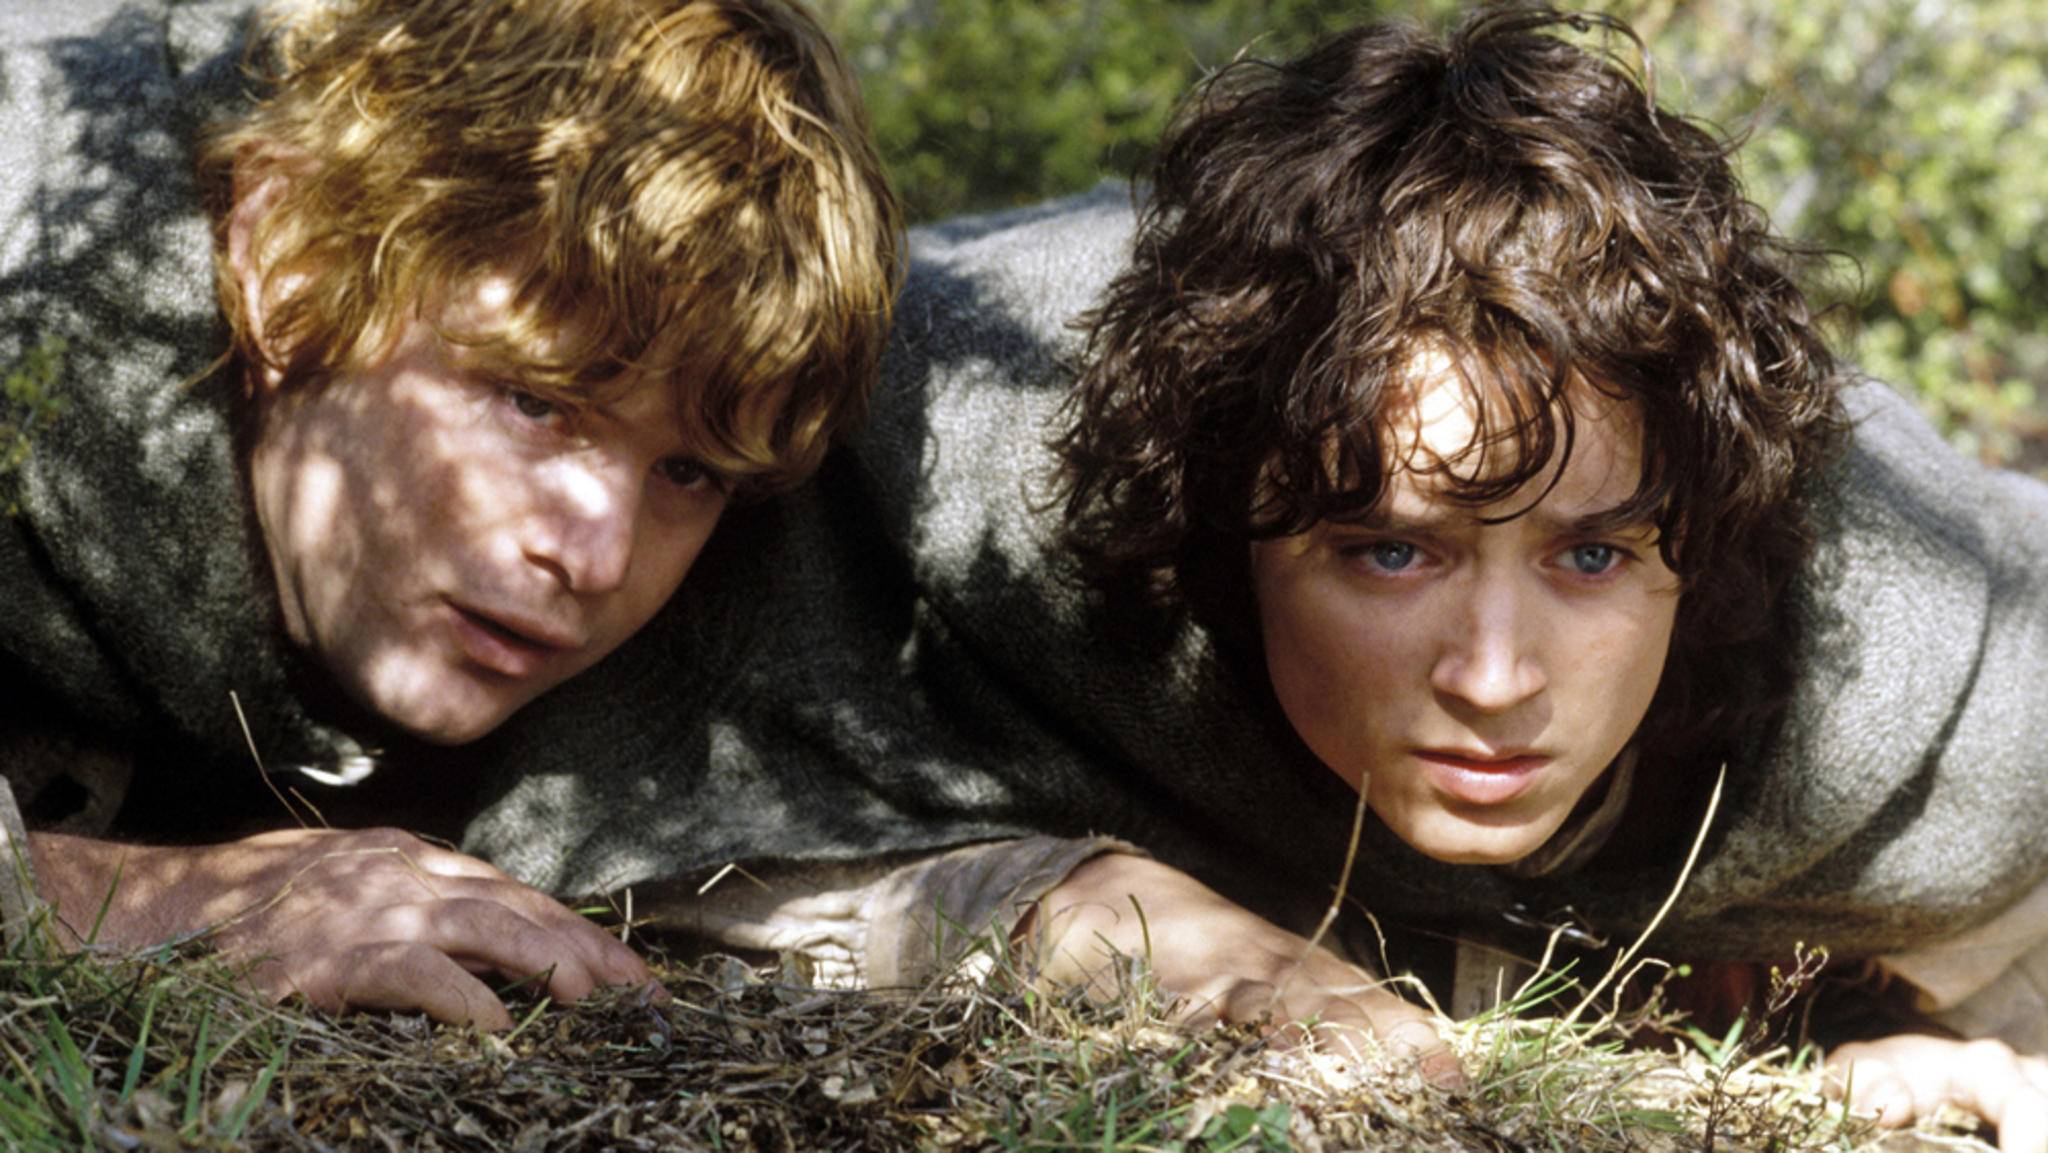 Herr der Ringe-Frodo-Sam-picture alliance-United Archives-85938811